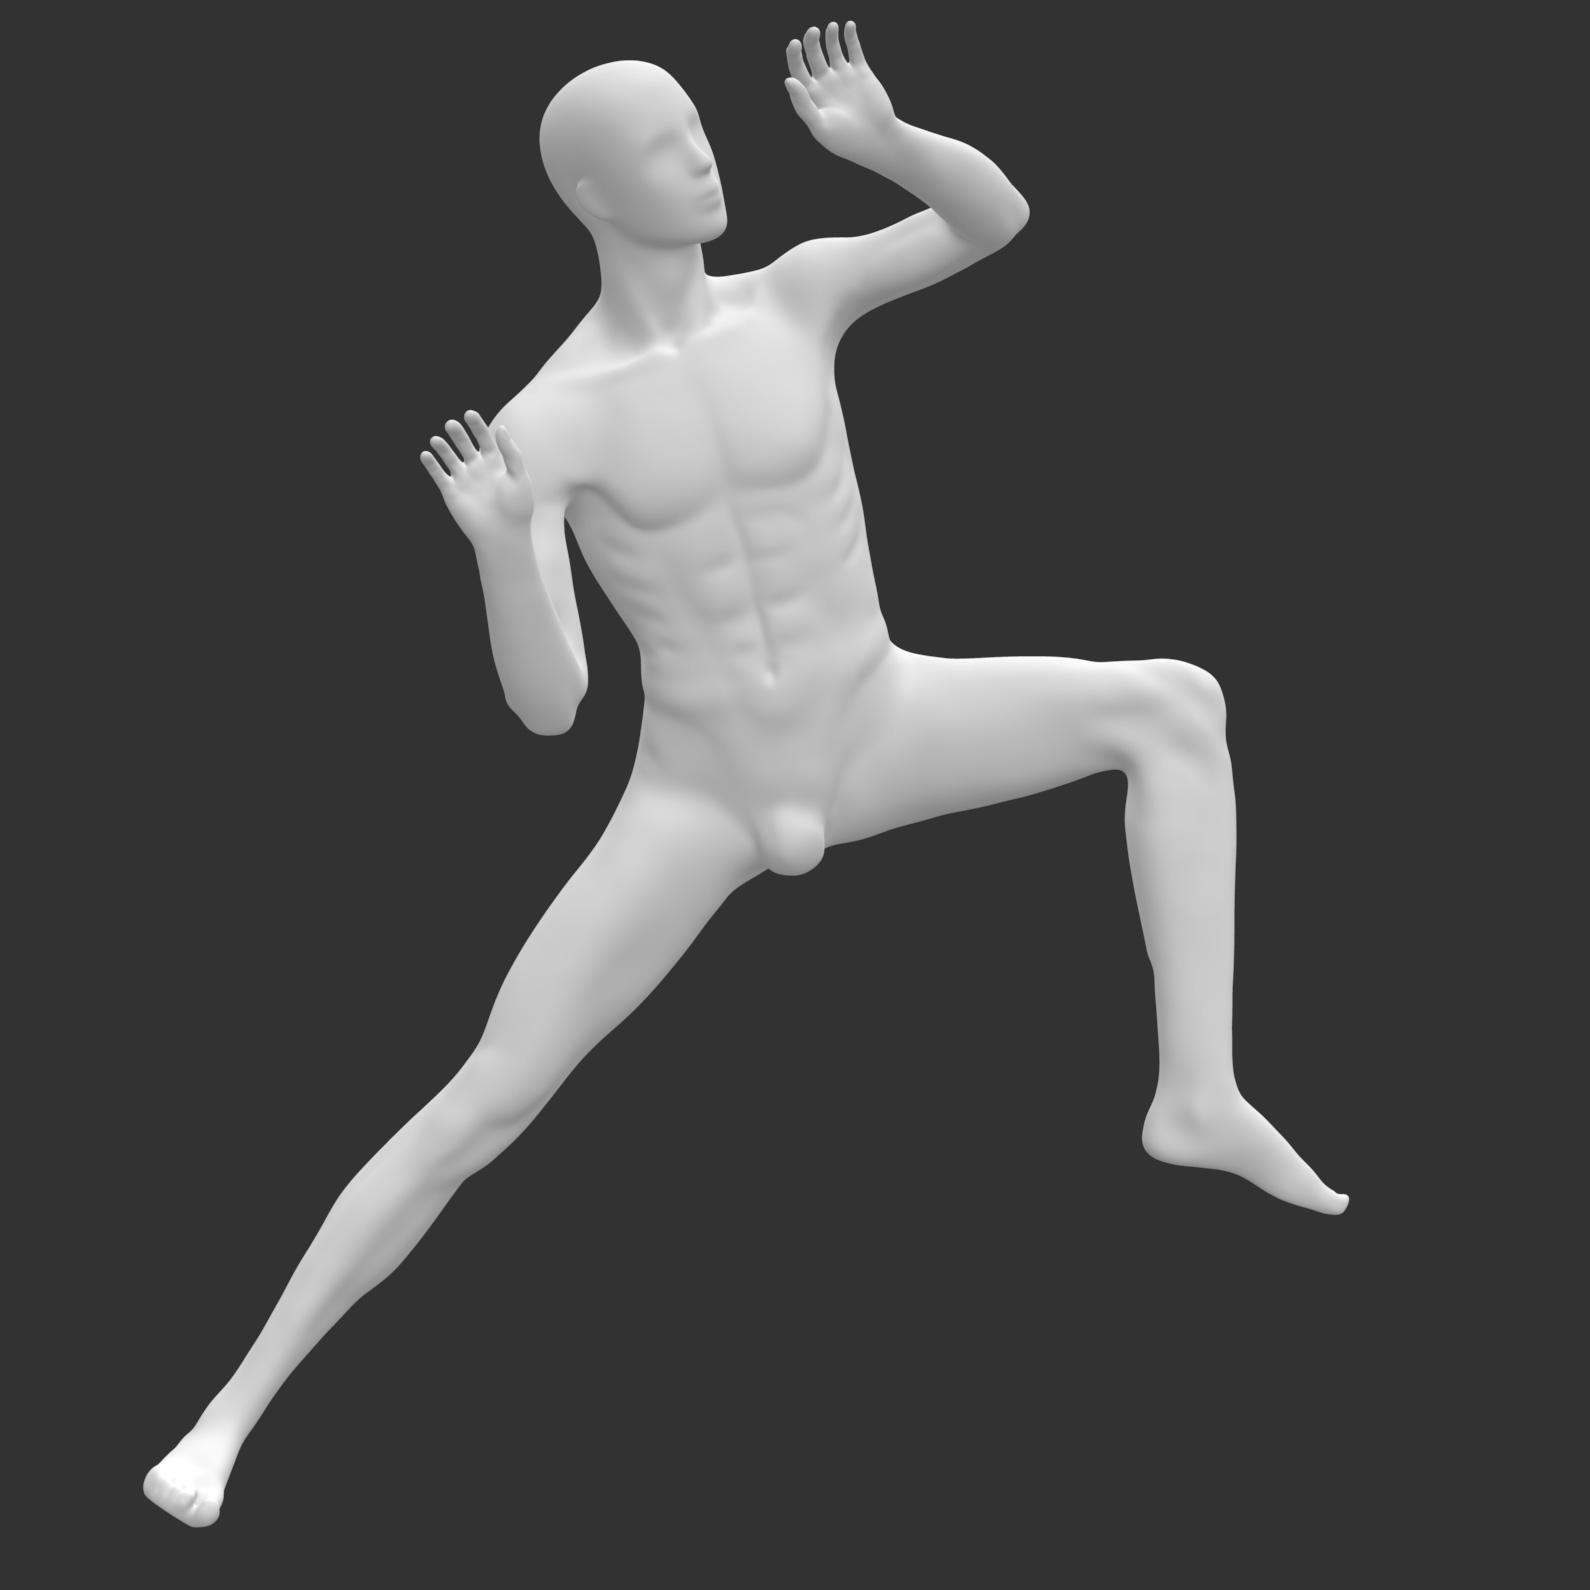 攀岩男模特3d打印模型